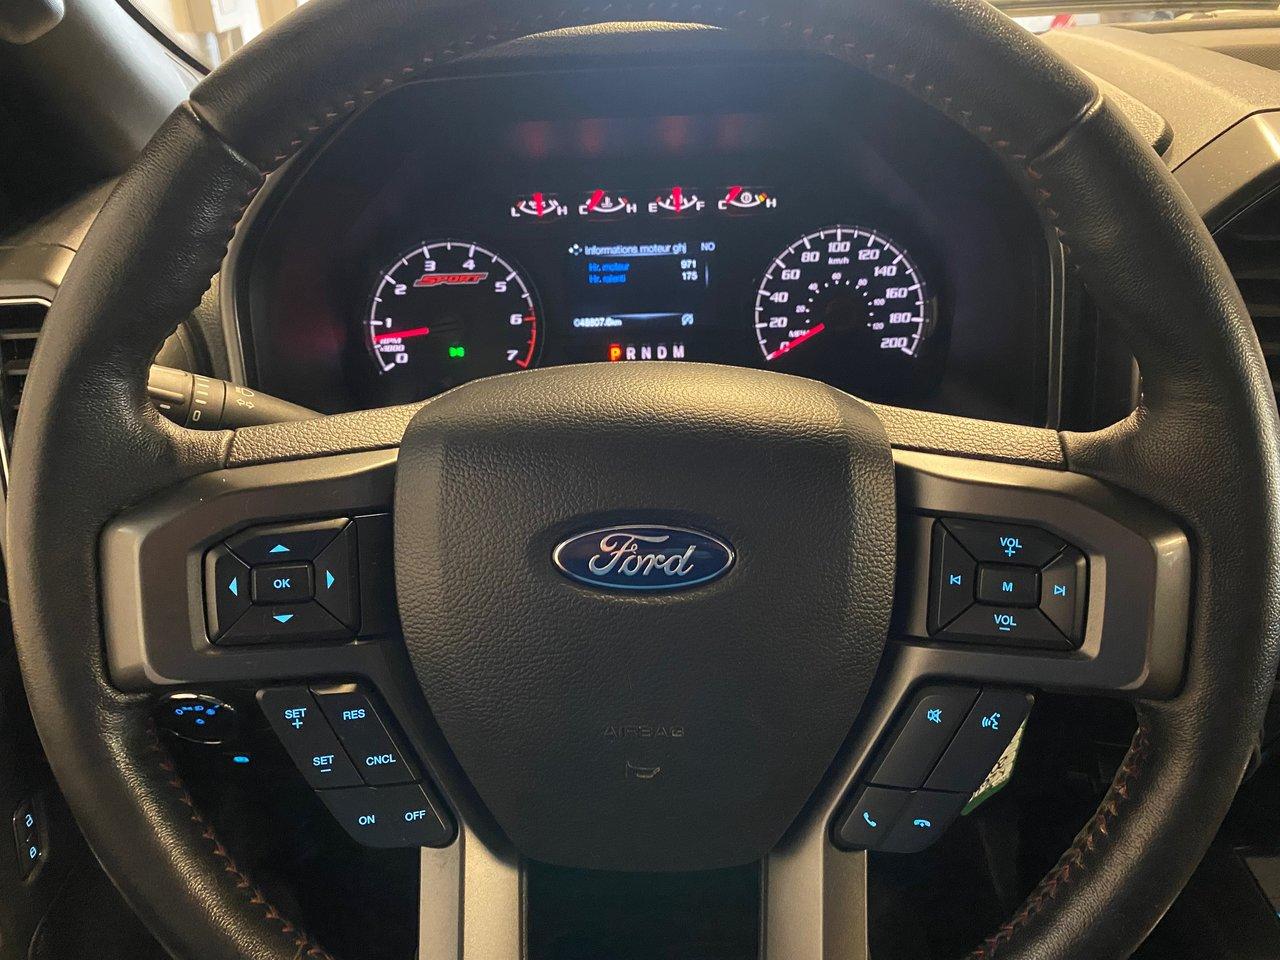 2018 Ford F-150 XLT 302A 3.5L ECO 3.55 DIFF MAX TOW 6.5 DE BOITE